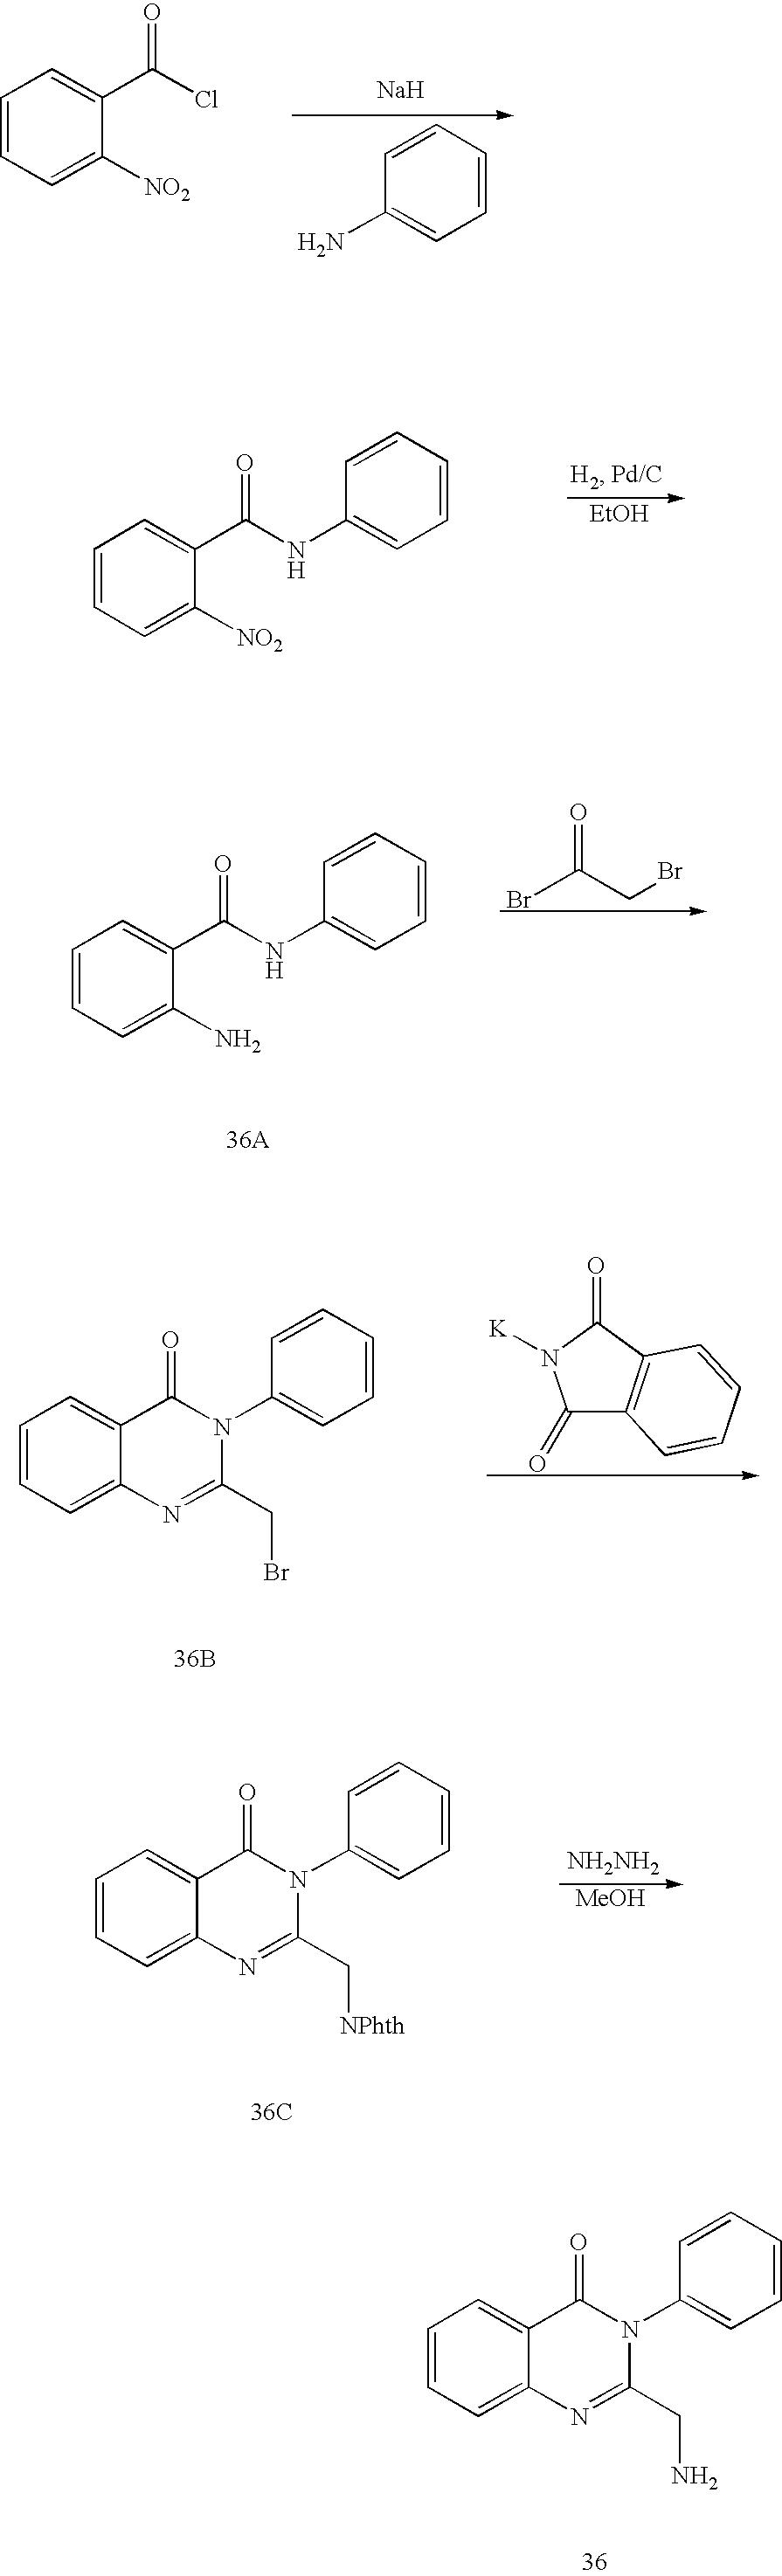 Figure US07687625-20100330-C00161